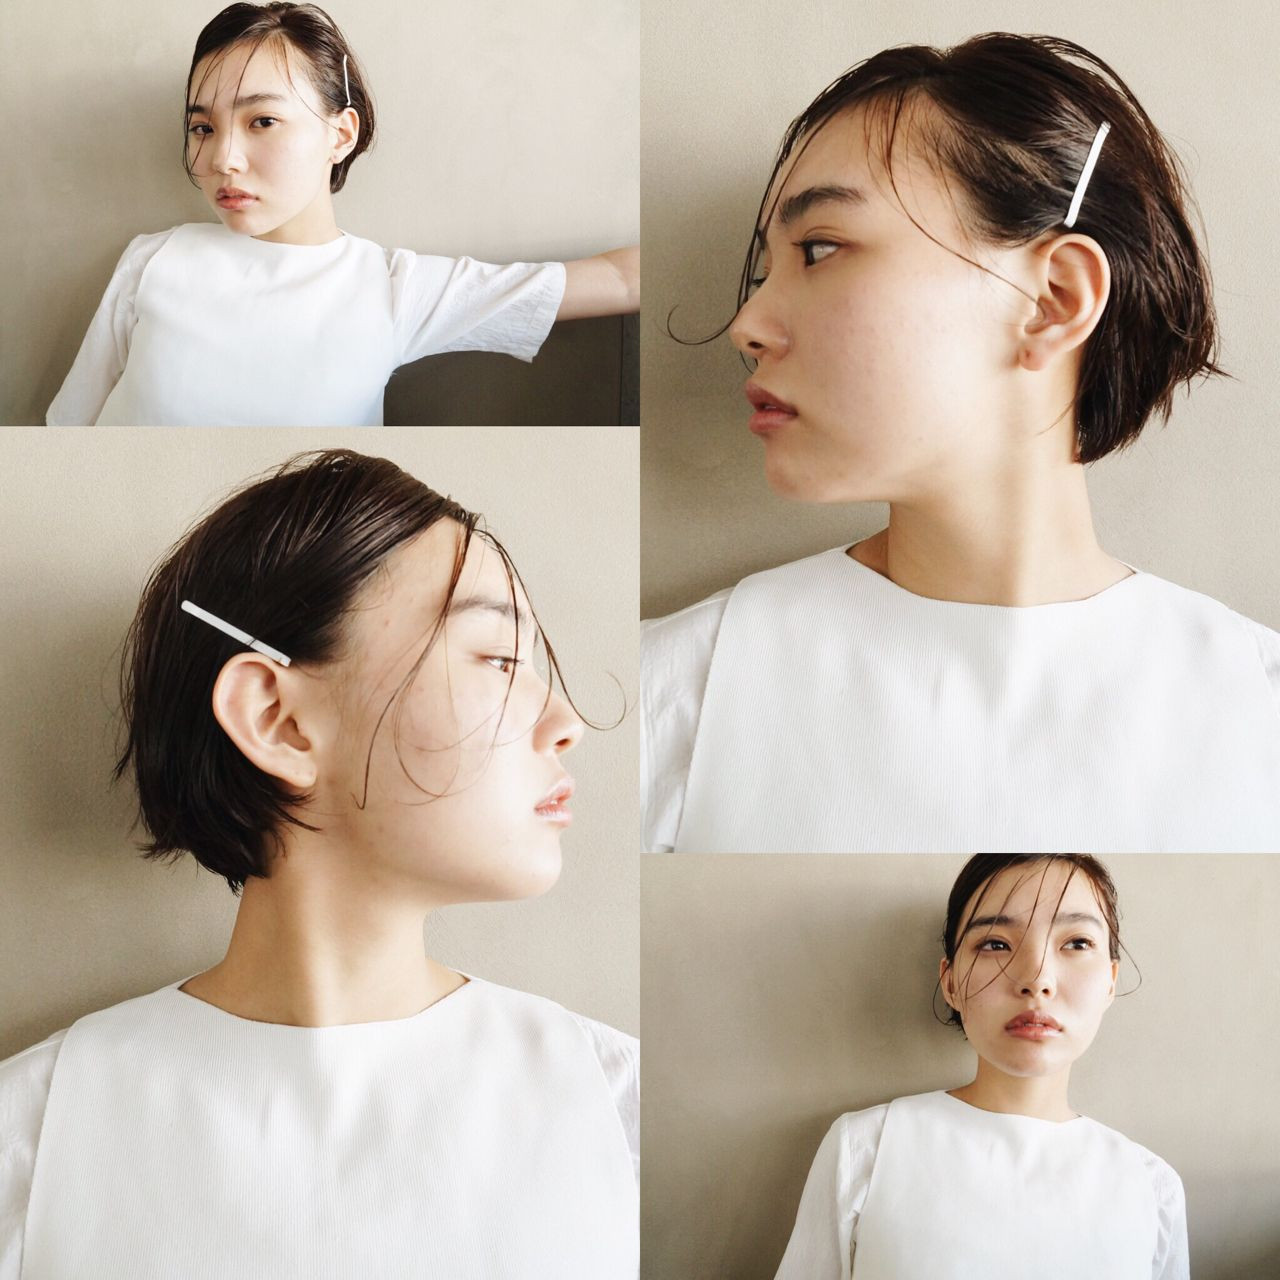 コンプレックスをかわいいに♡丸顔さんにおすすめの髪型アレンジ10選 山下 純平 / nanuk